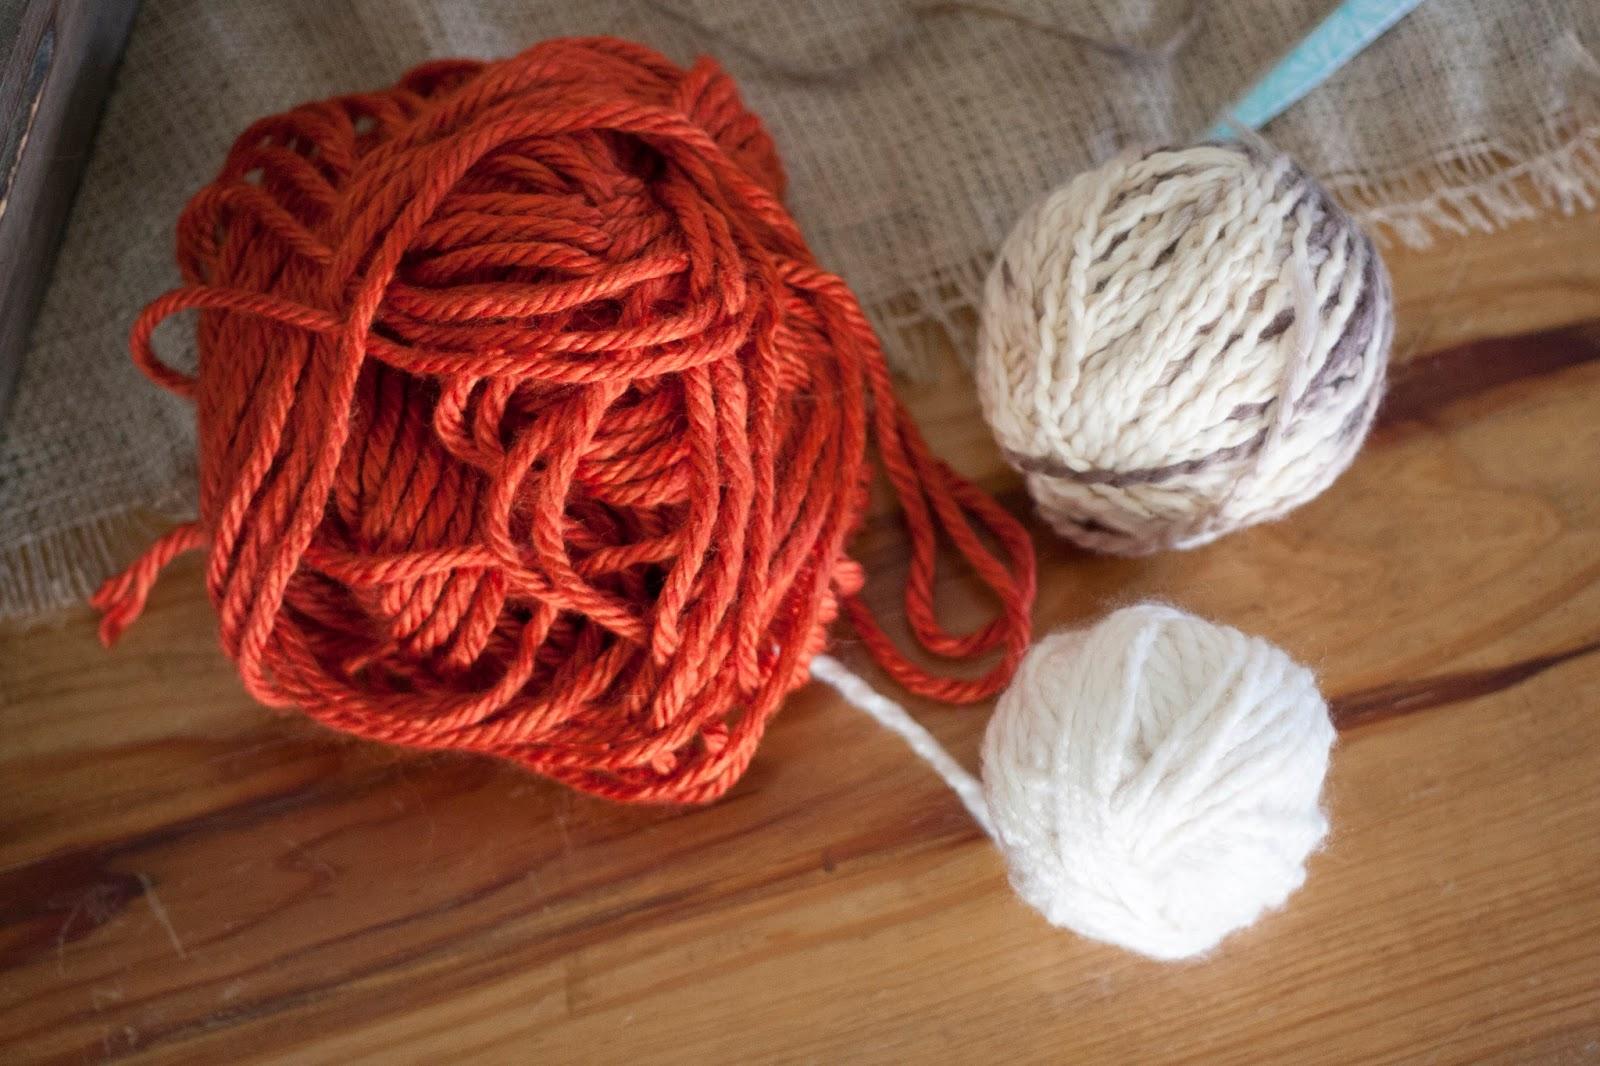 Yarn Supply : Yarn Pumpkin Garland Supplies